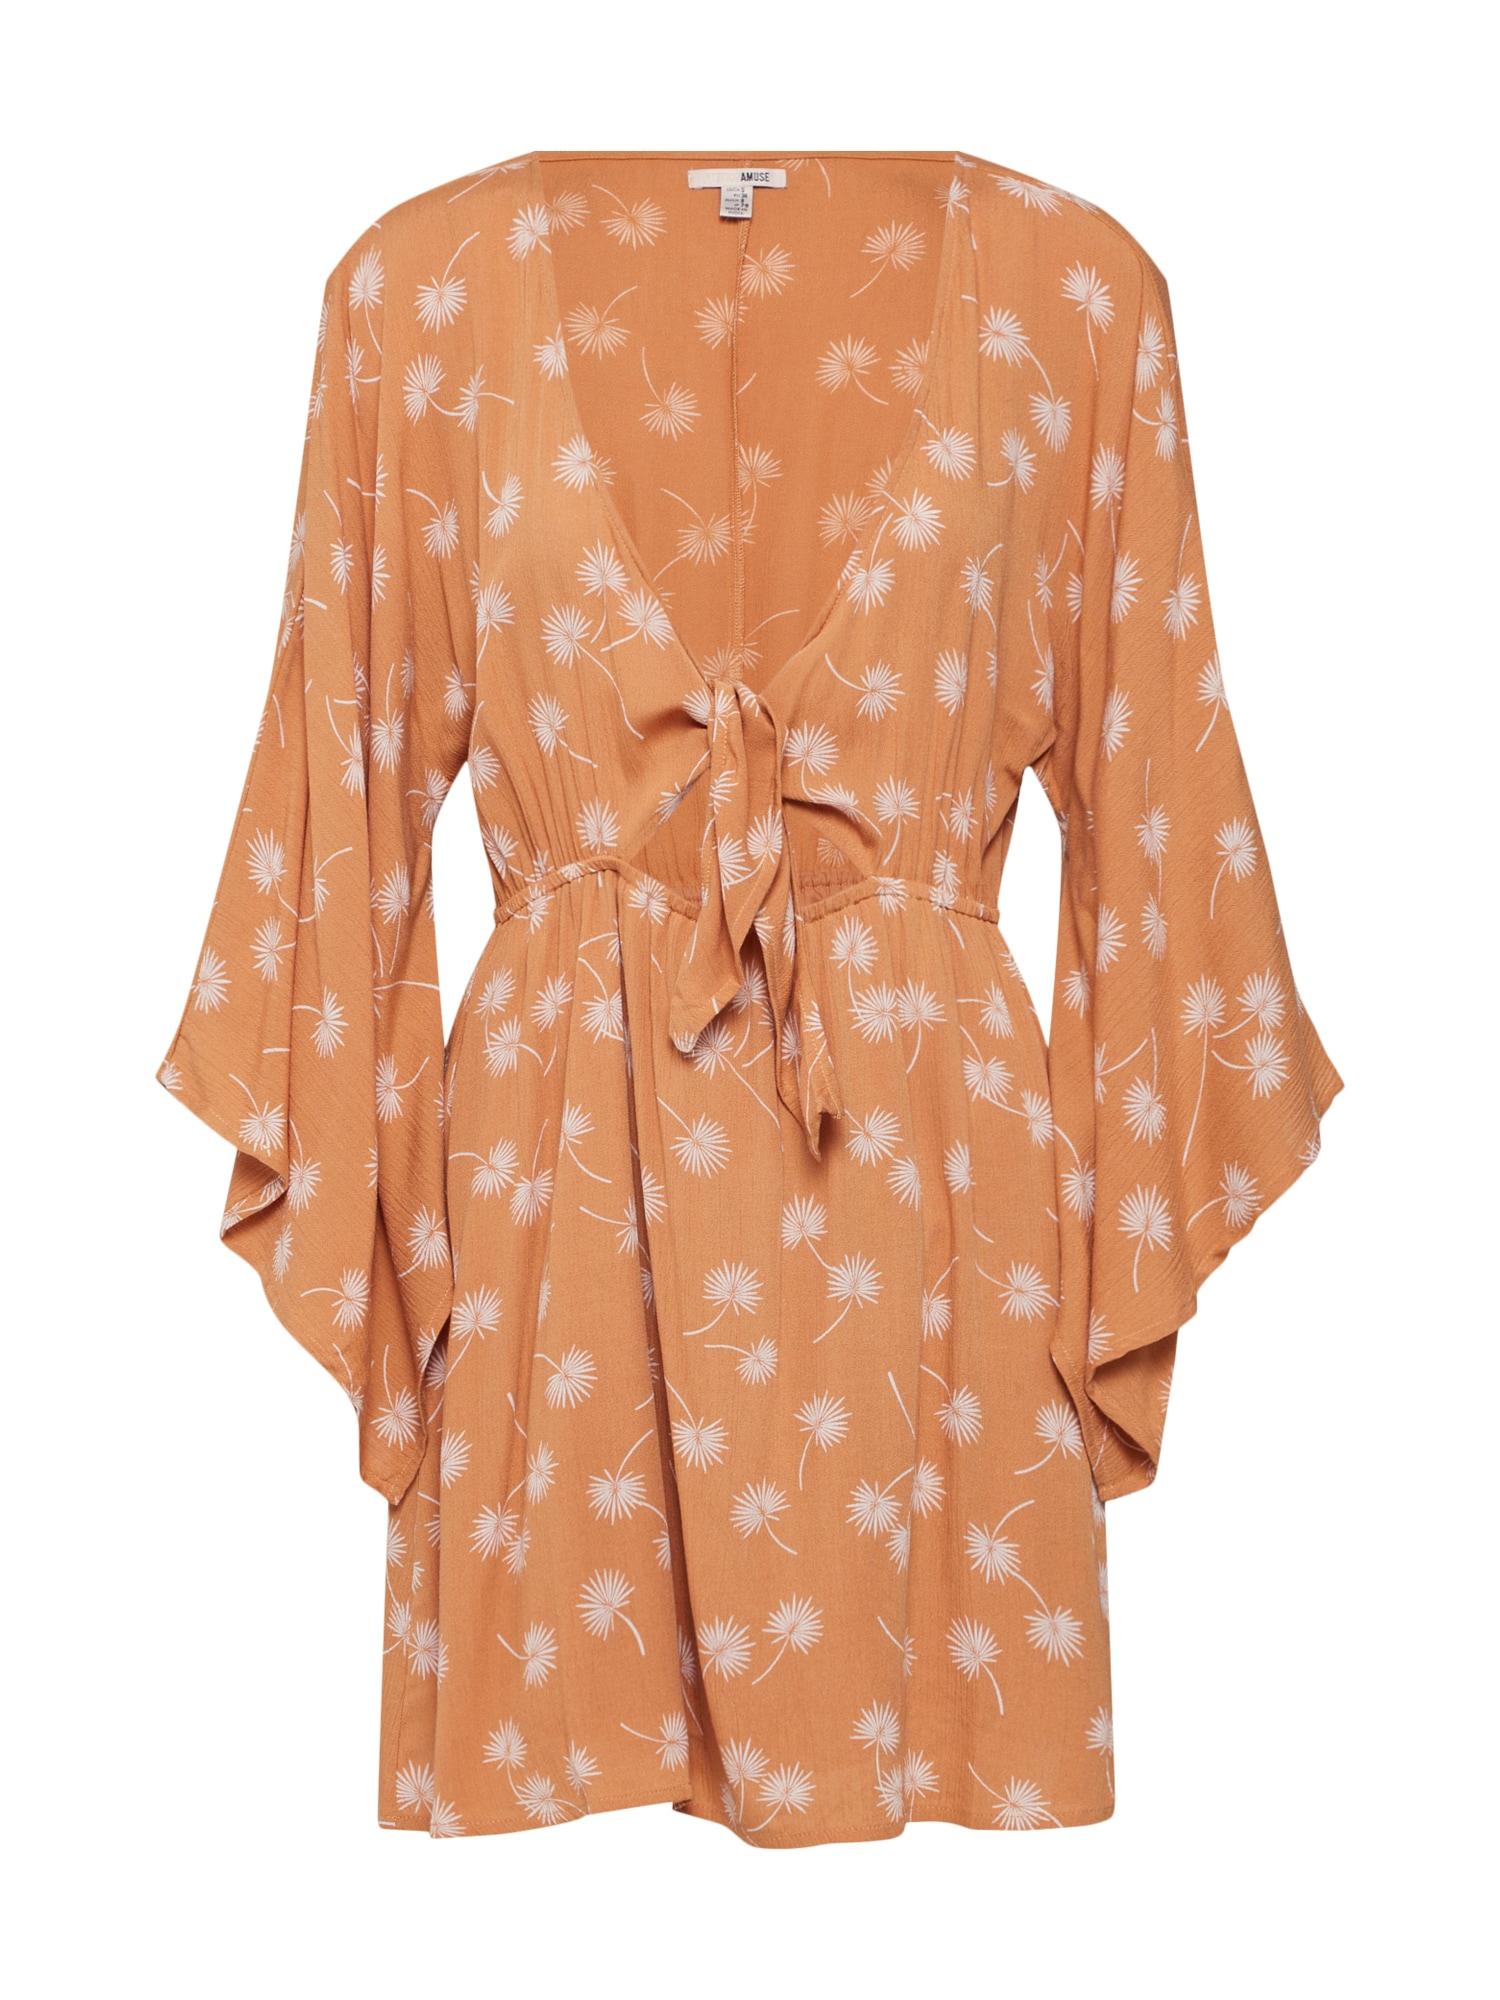 Letní šaty Clementina Dress oranžová Amuse Society